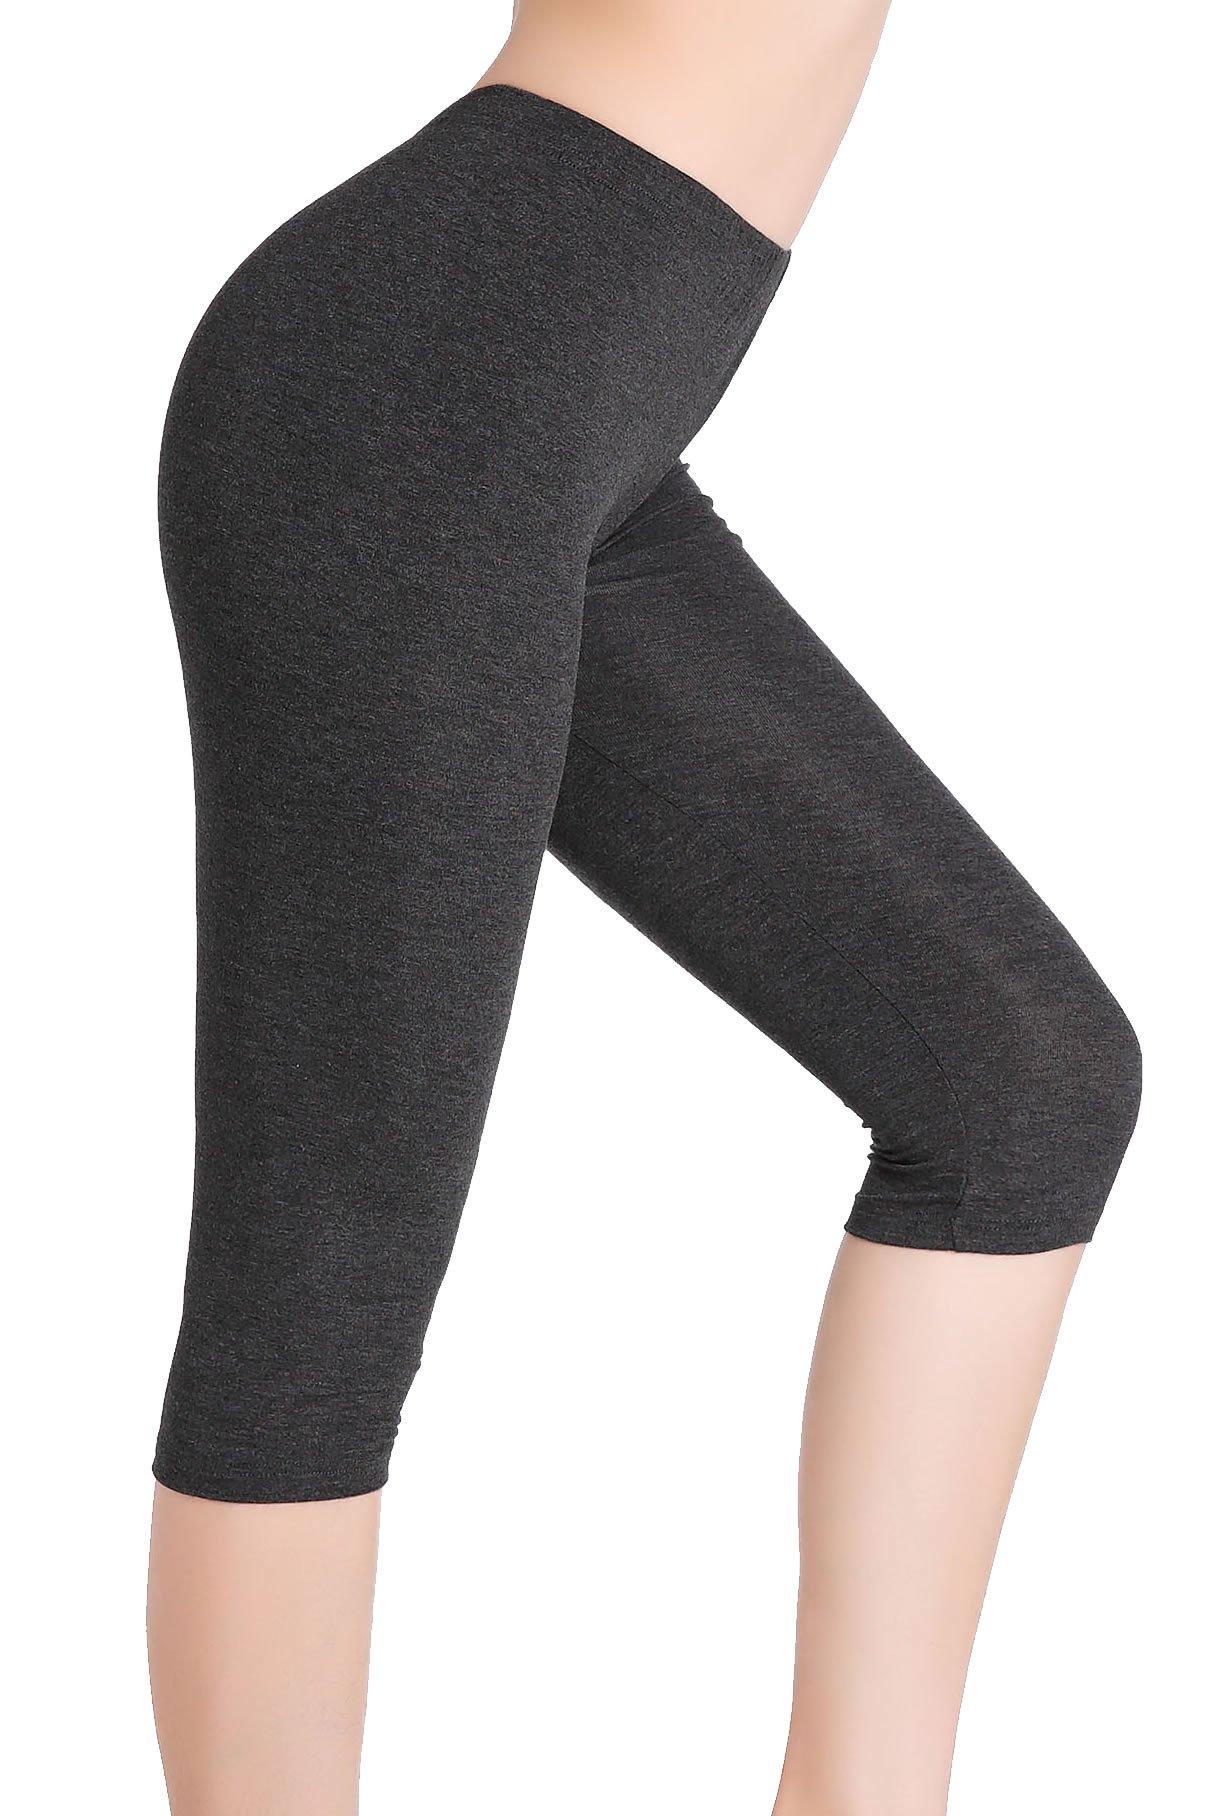 CnlanRow Women Under Skirt Stretch Capri Leggings - Ultra Soft Cropped Leggings for Women